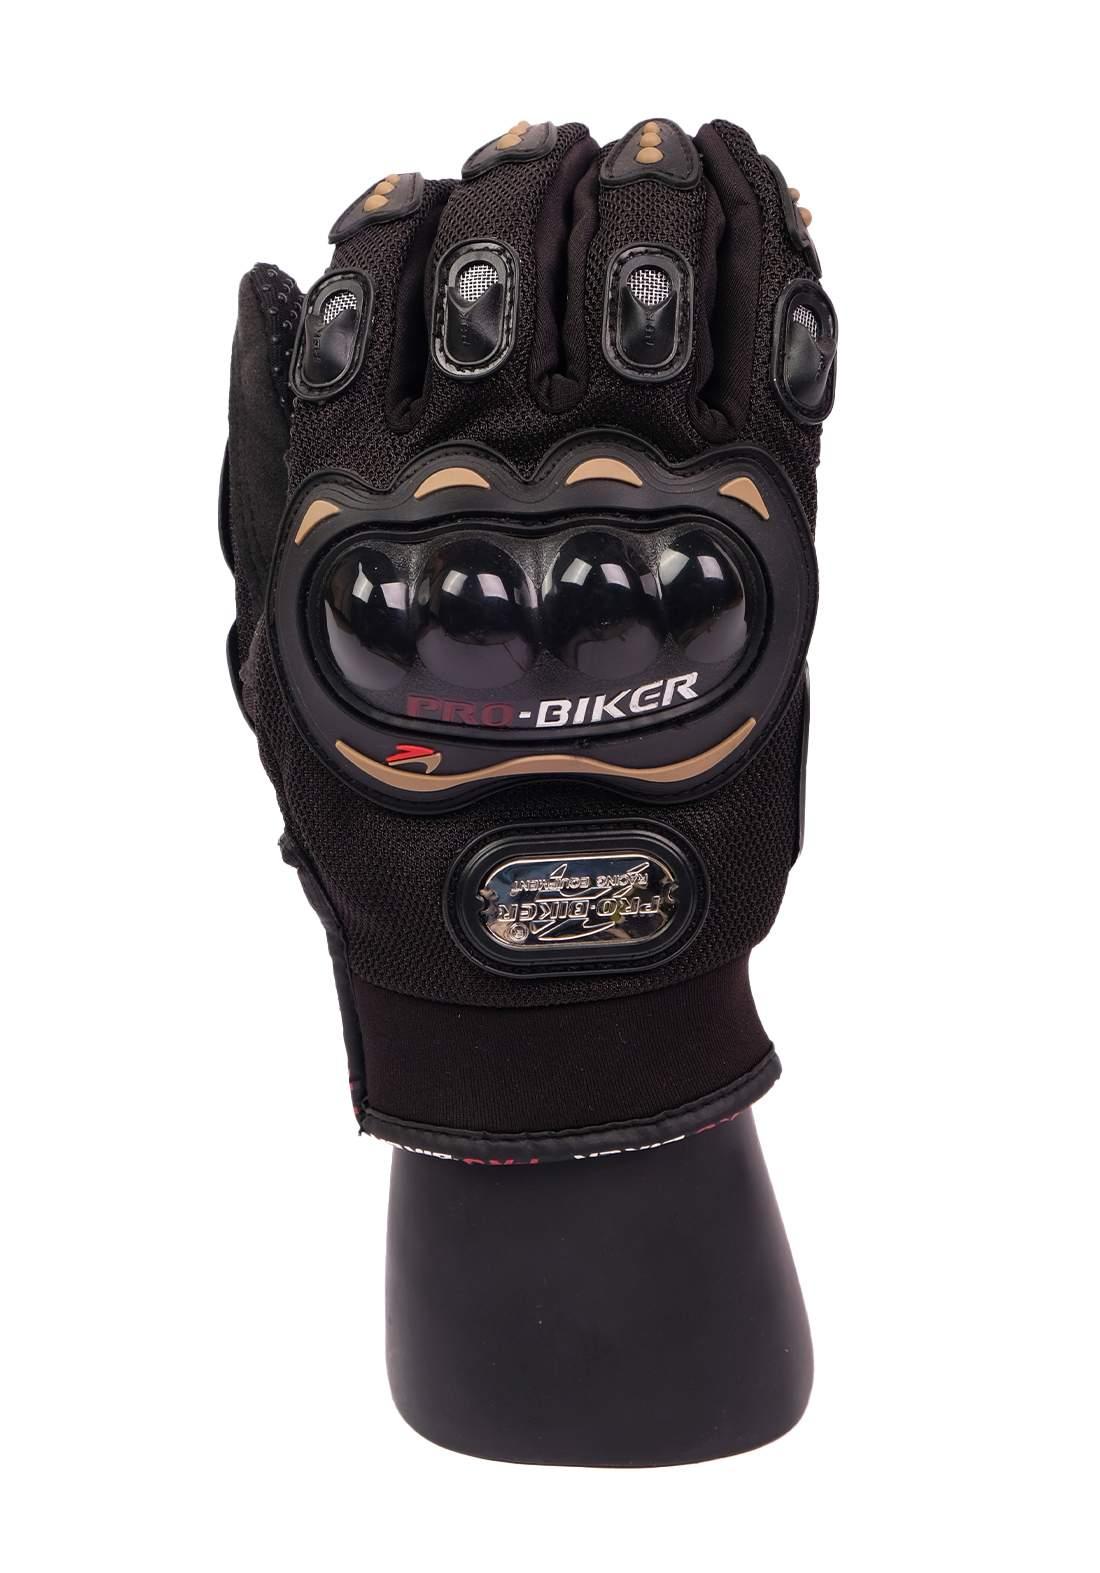 Pro -Biker Glove قفازات رياضية